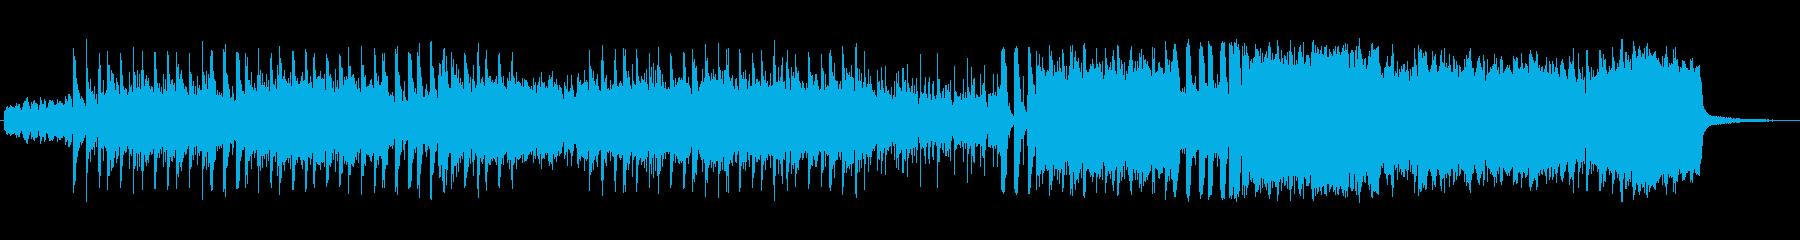 ダークで禍々しい雰囲気のオーケストラ曲の再生済みの波形